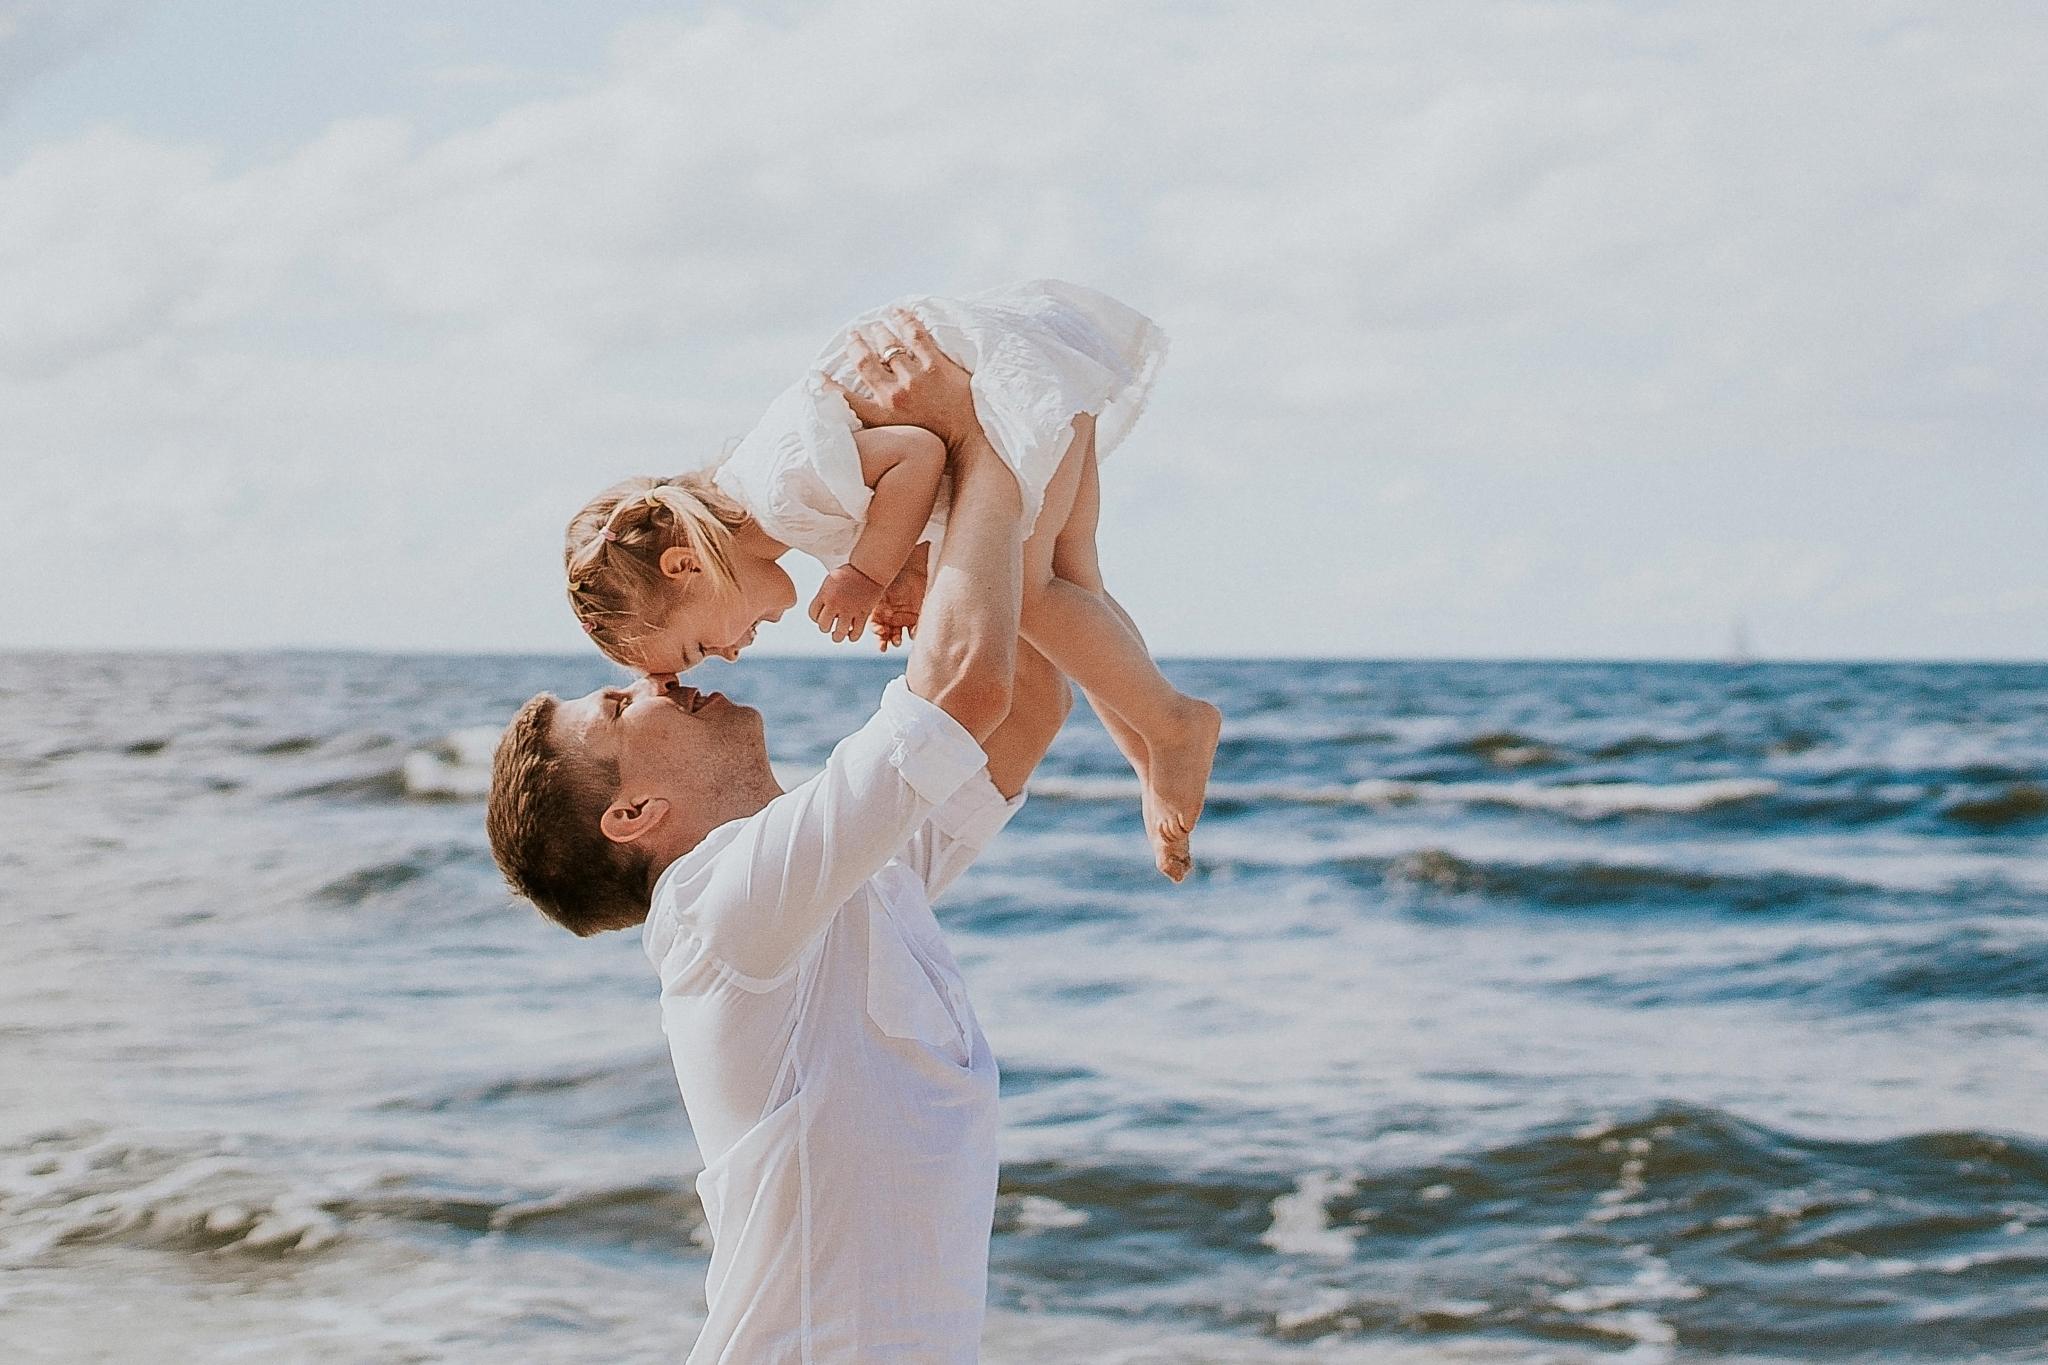 fotografia rodzinna sesja zdjęciowa nad morzem